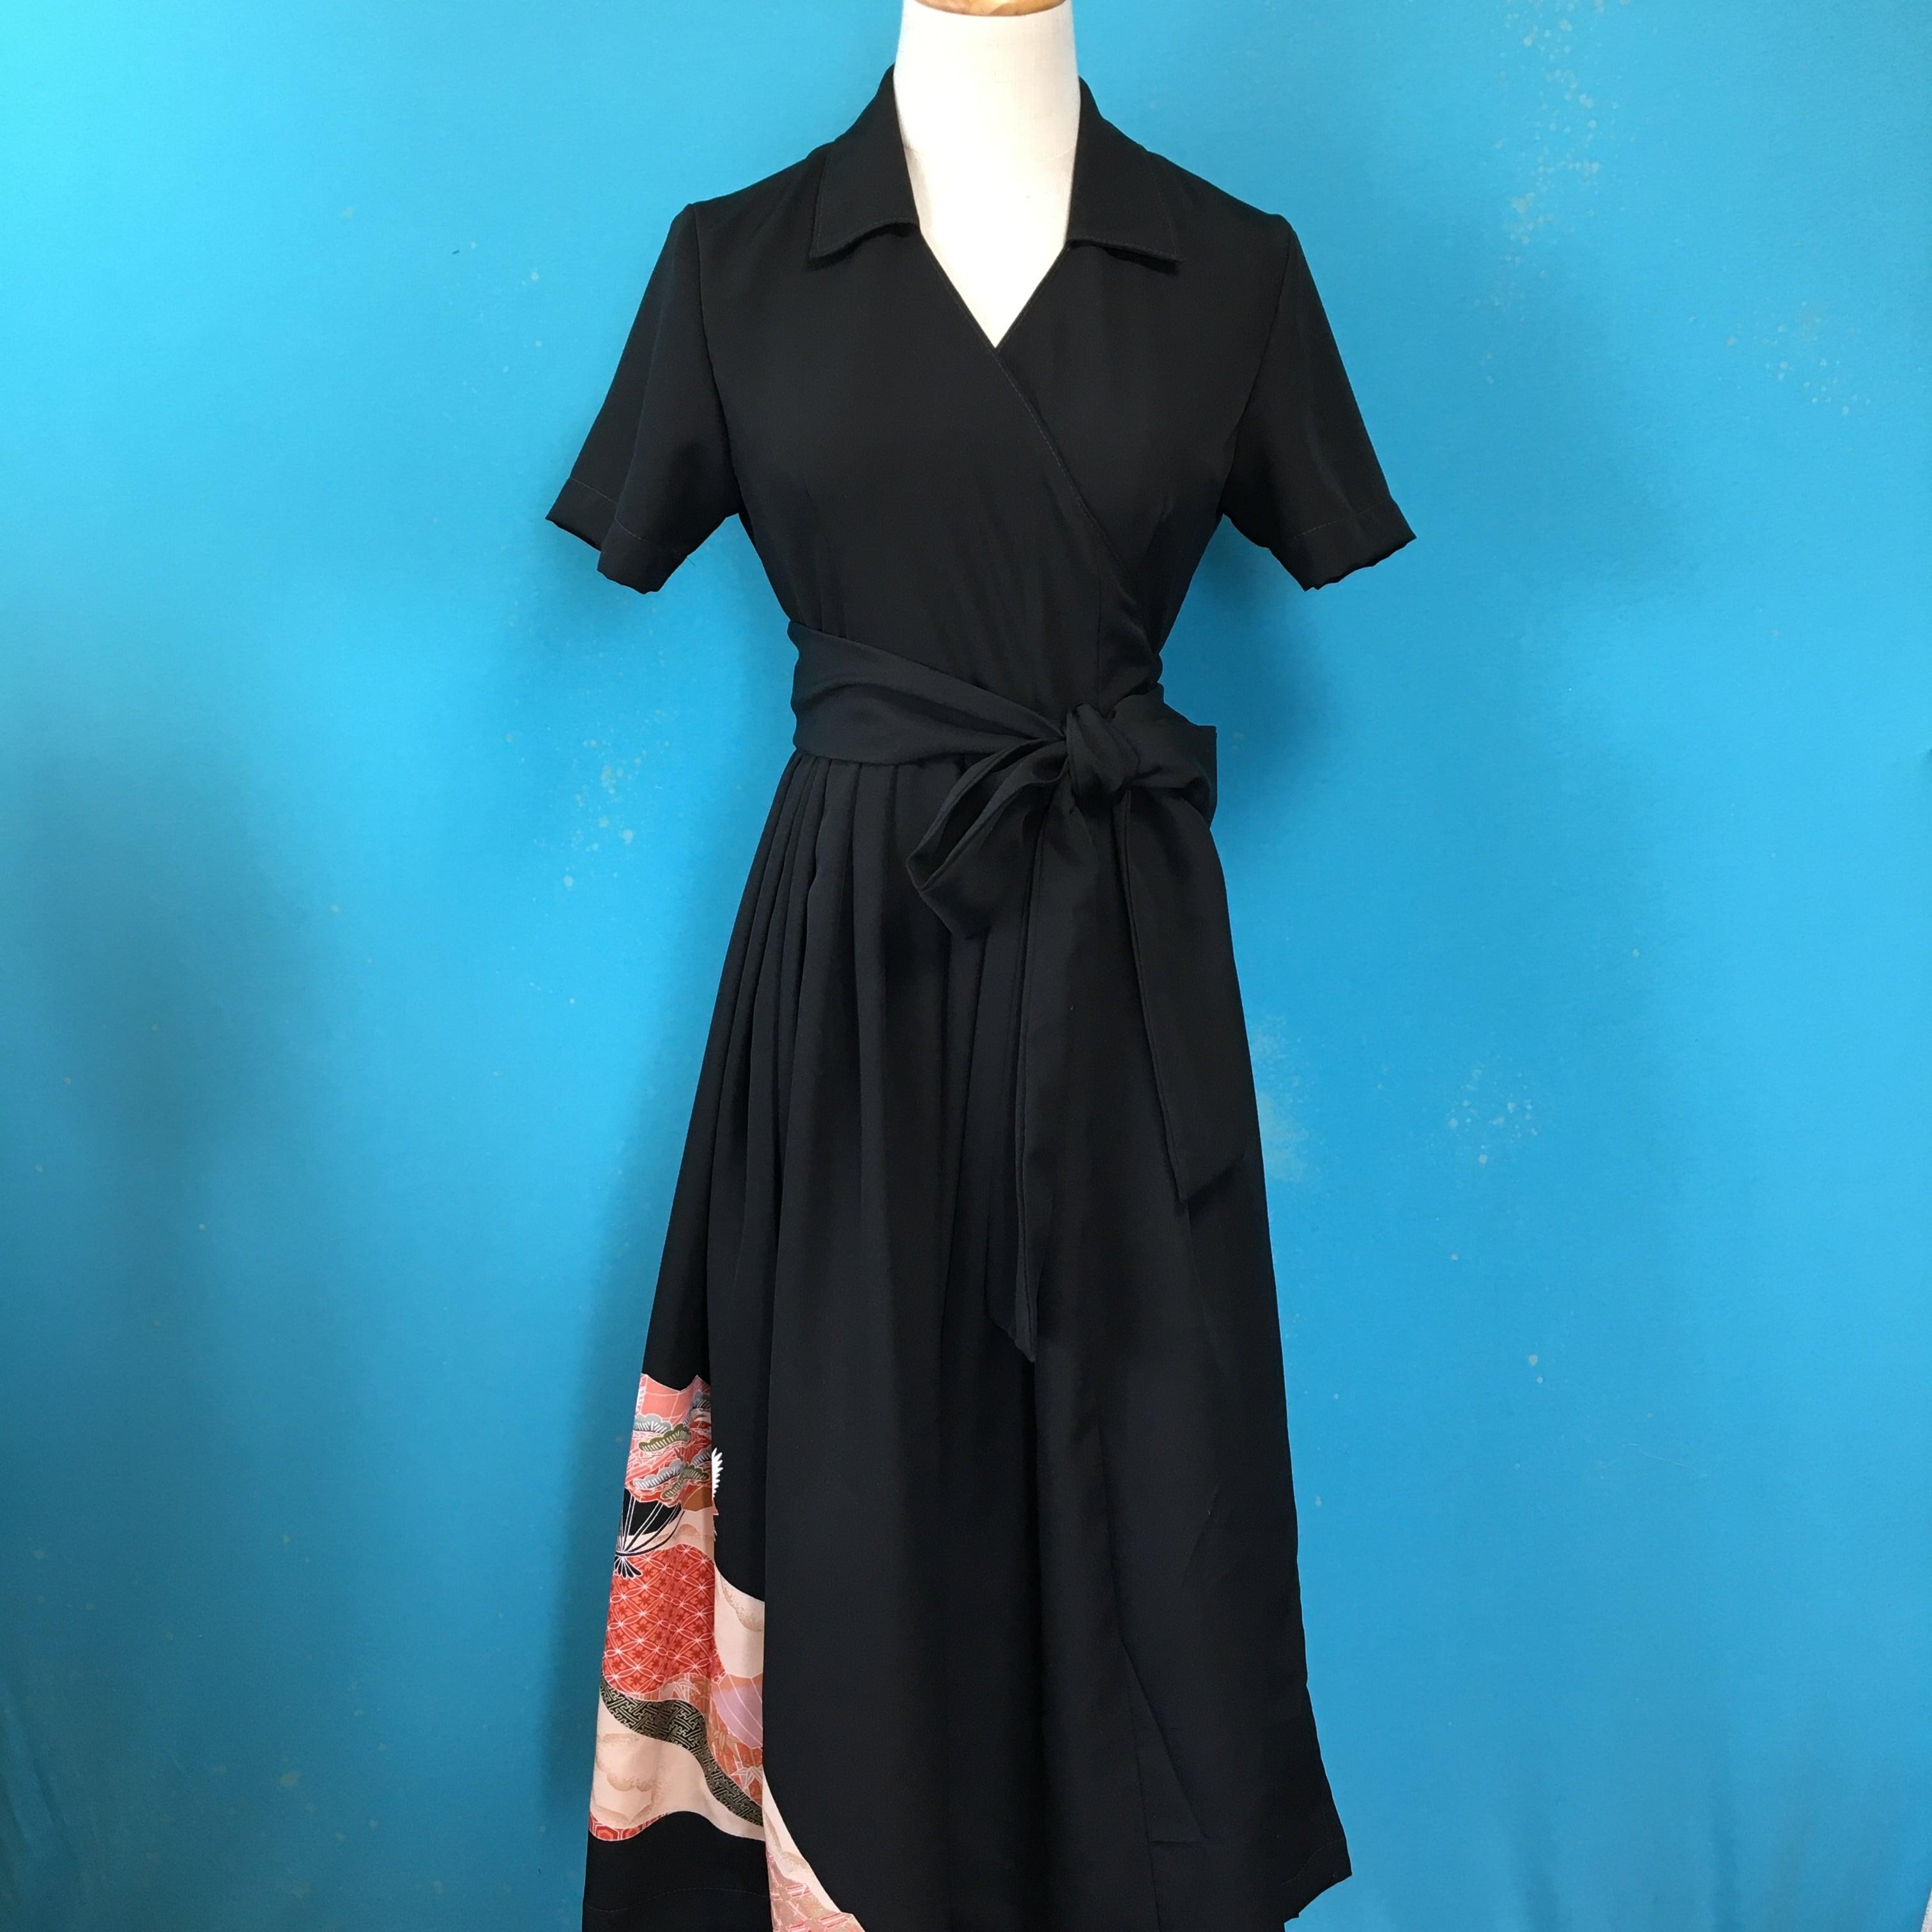 Vintage black kimono wrap dress/ US 6, gorgeous embroidery